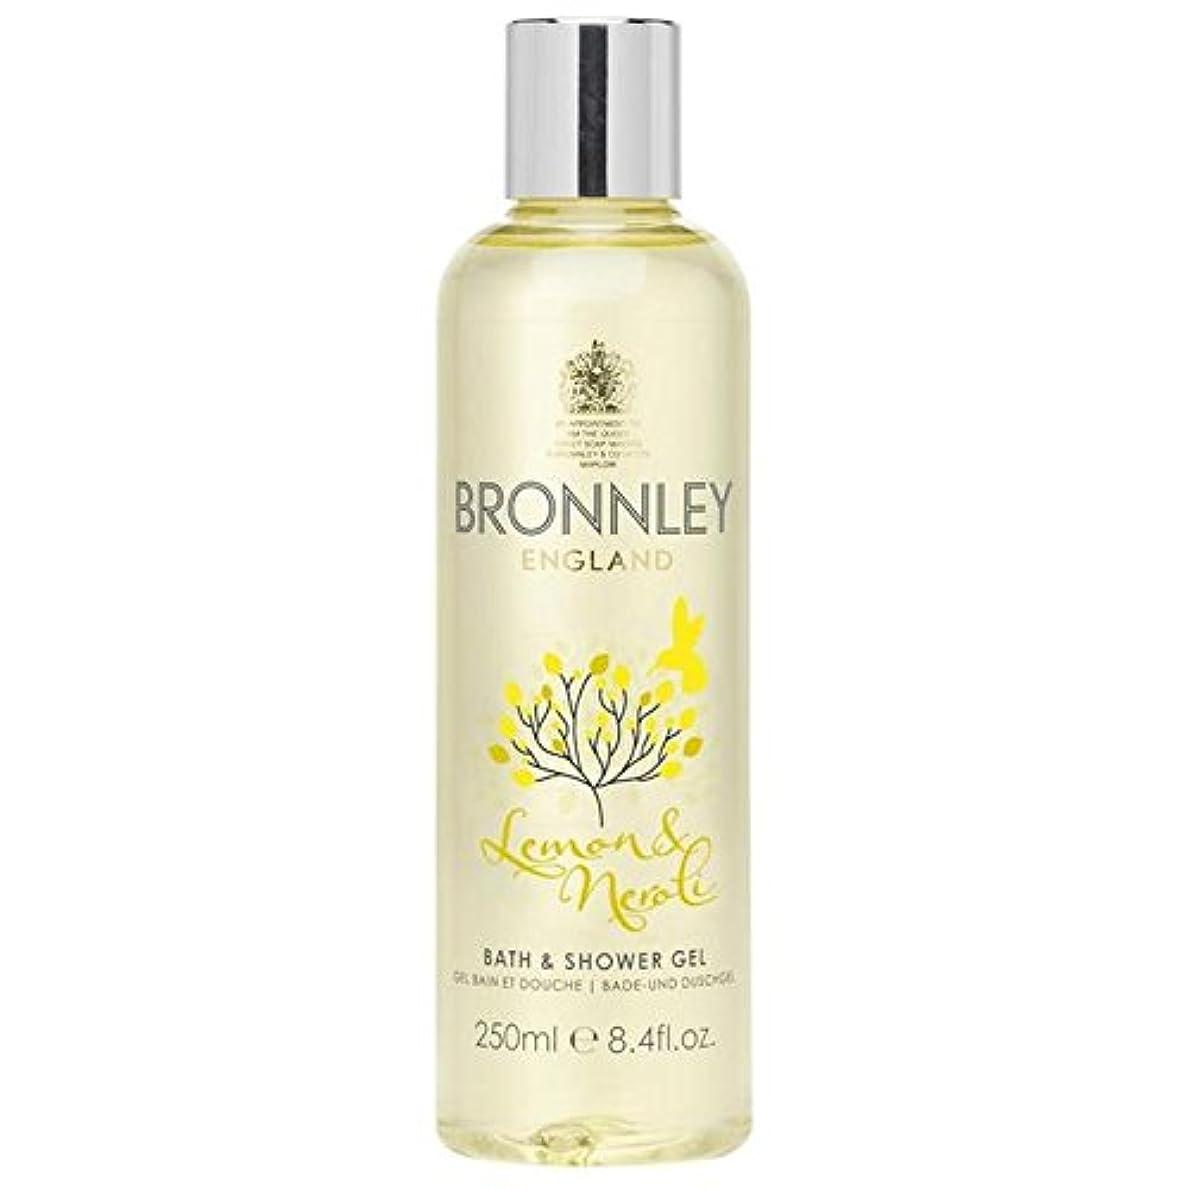 掃くありがたい教科書Bronnley Lemon & Neroli Bath & Shower Gel 250ml - レモン&ネロリバス&シャワージェル250ミリリットル [並行輸入品]